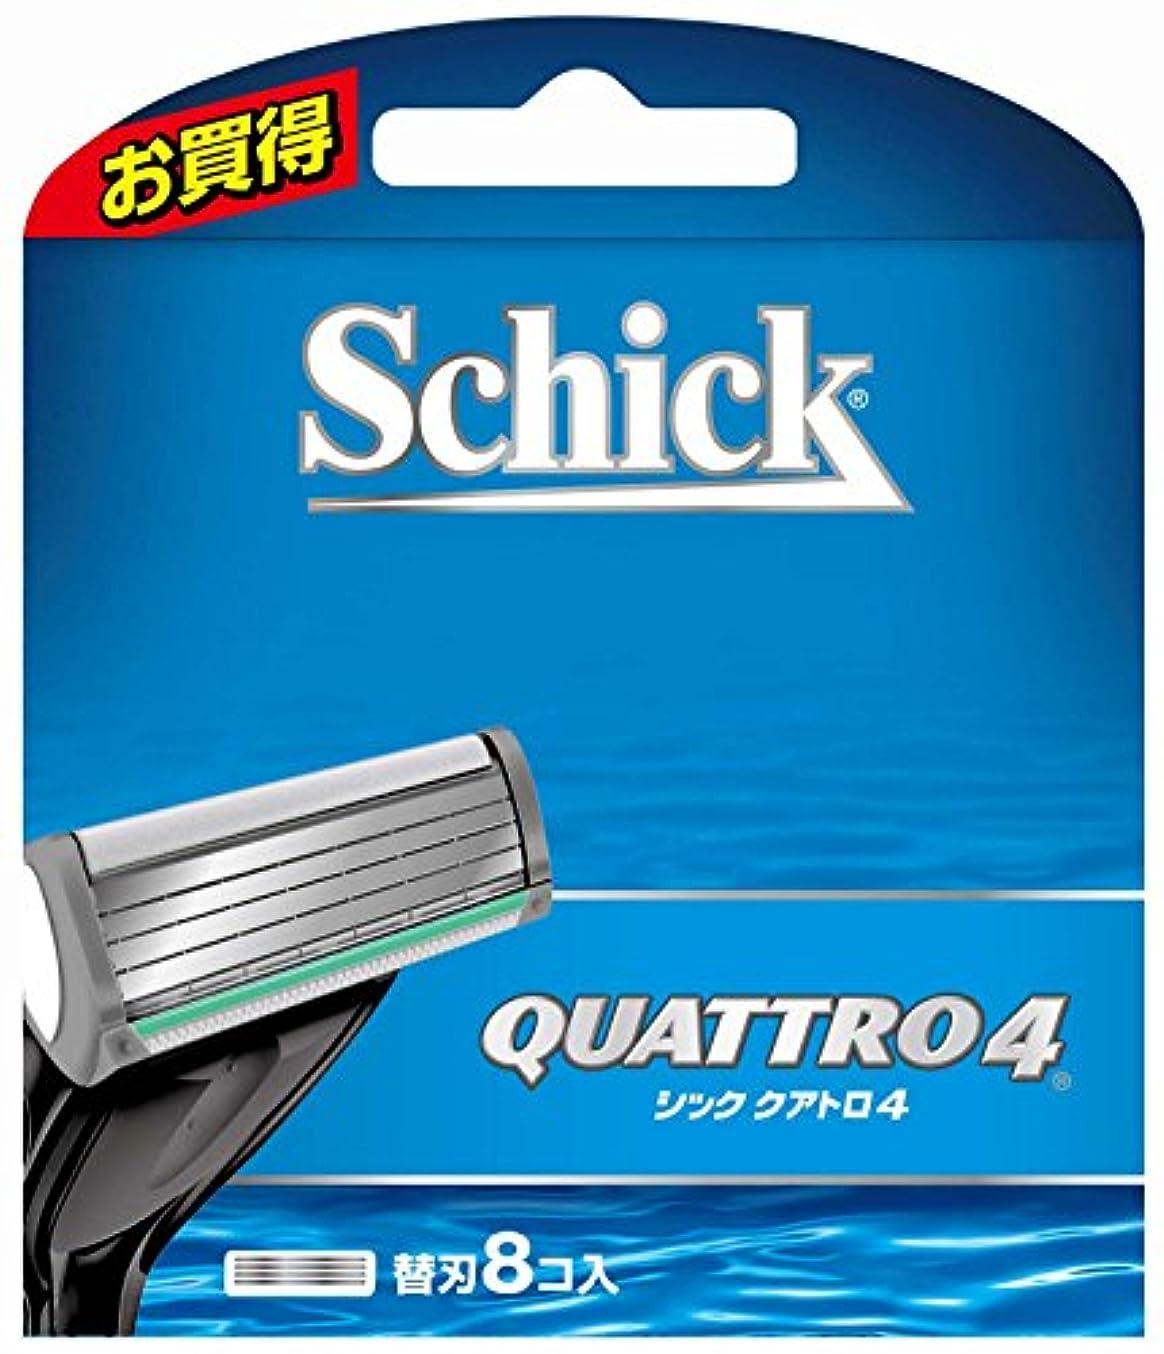 ジャンプフリンジスクラッチシック Schick クアトロ4 4枚刃 替刃 (8コ入)